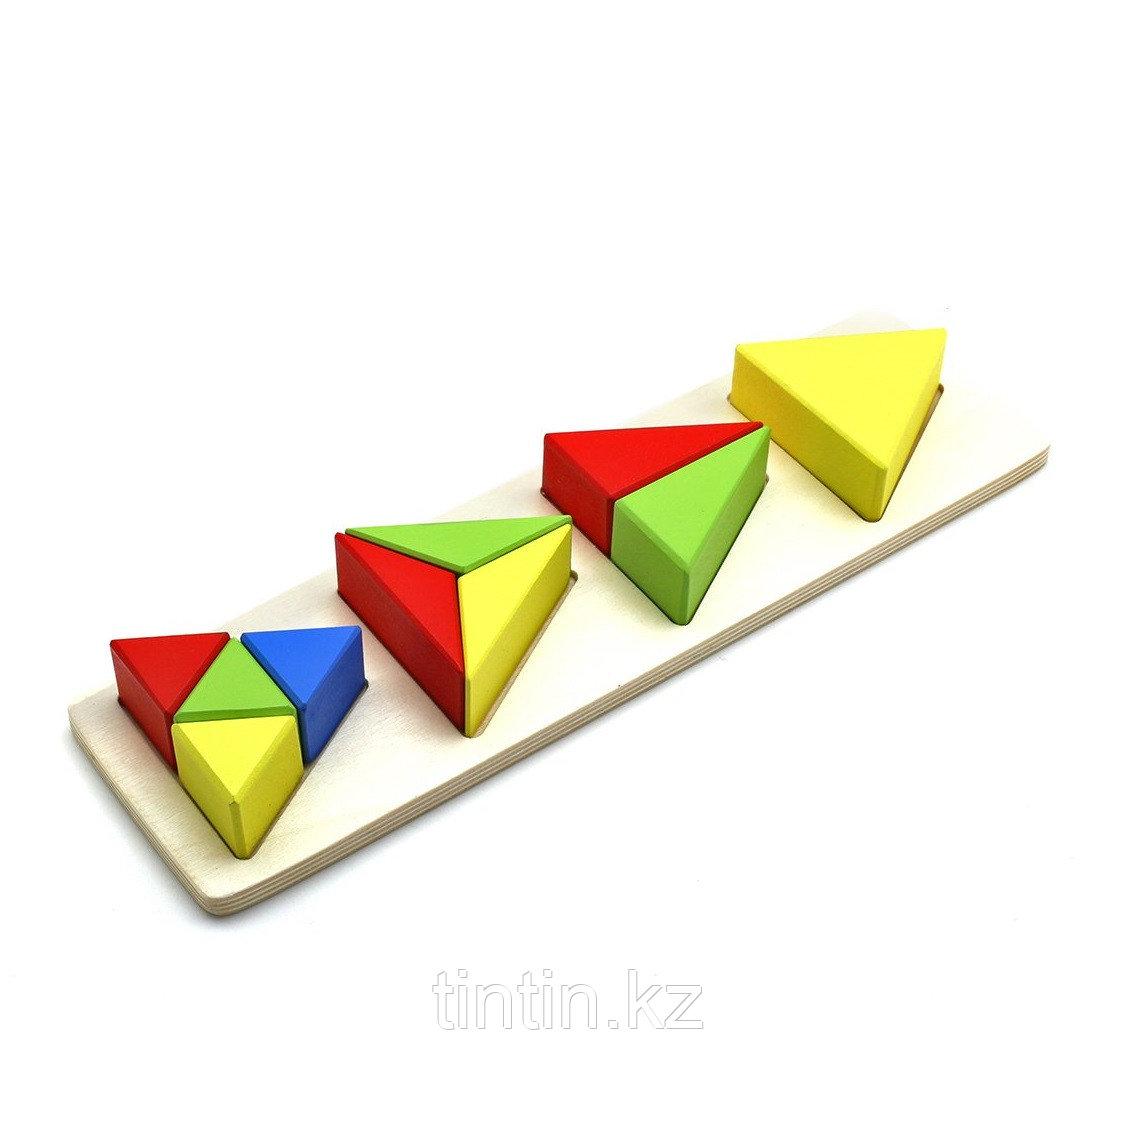 Вкладыши - доли треугольника